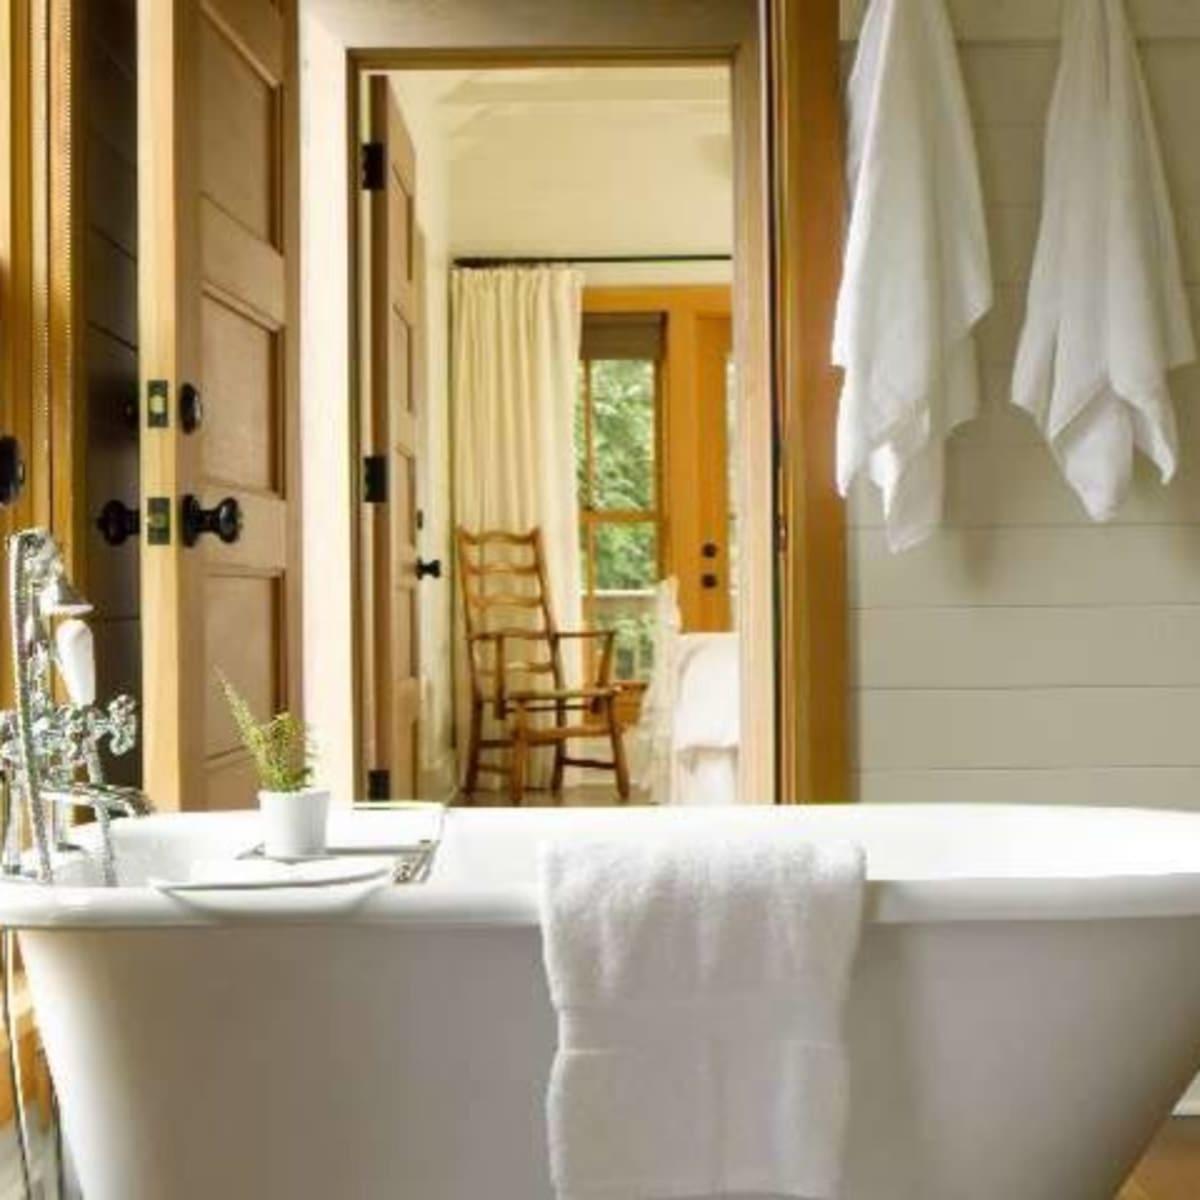 Farmhouse bathroom clawfoot tub Houzz